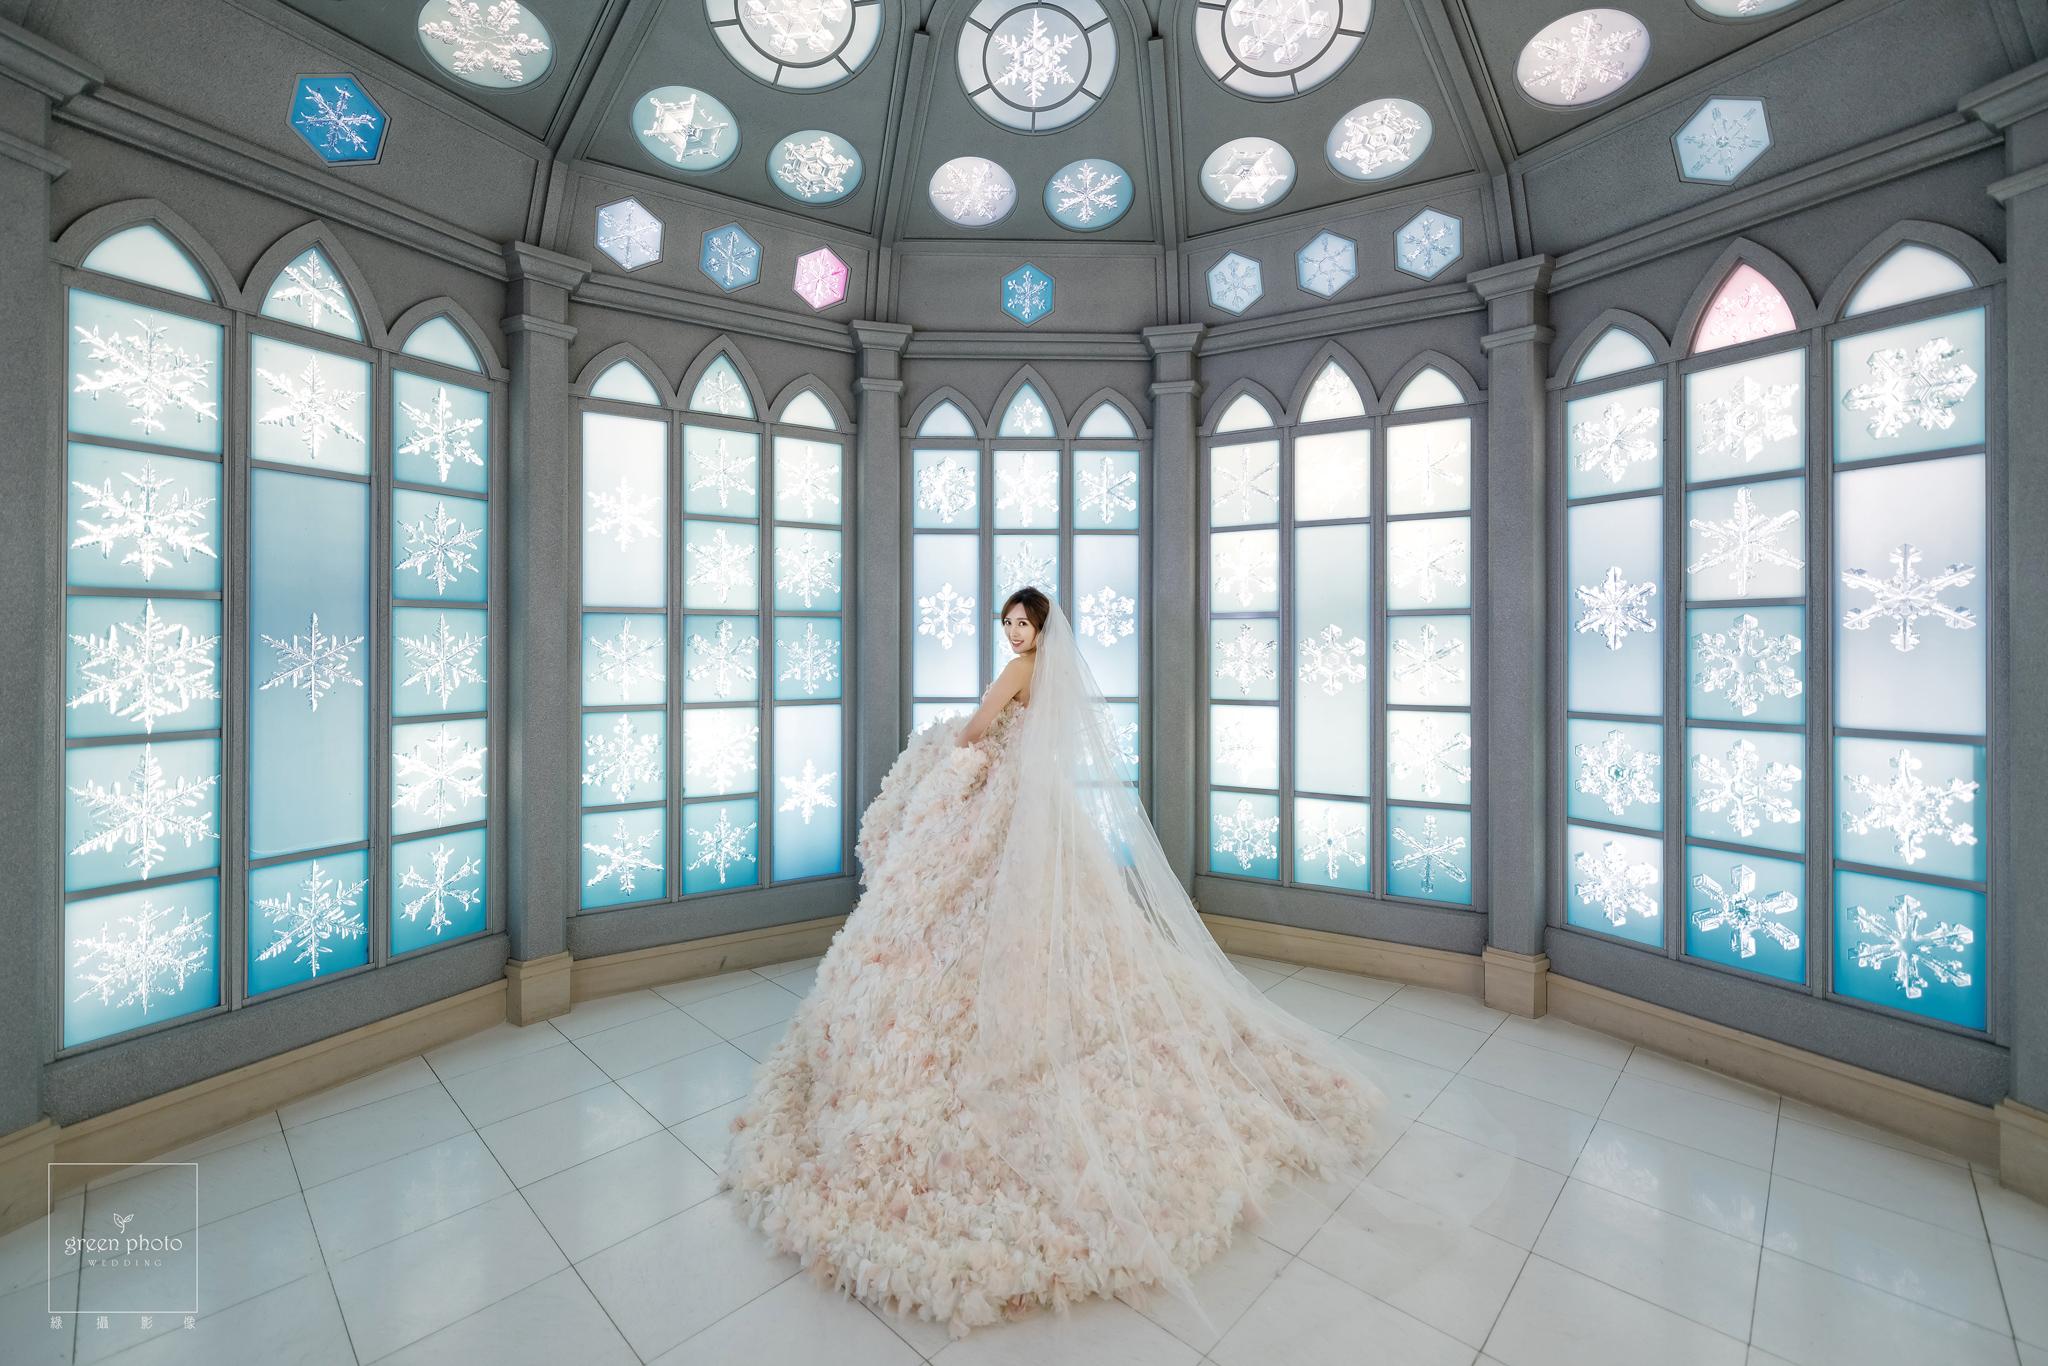 海外婚紗 北海道婚紗 日本婚紗